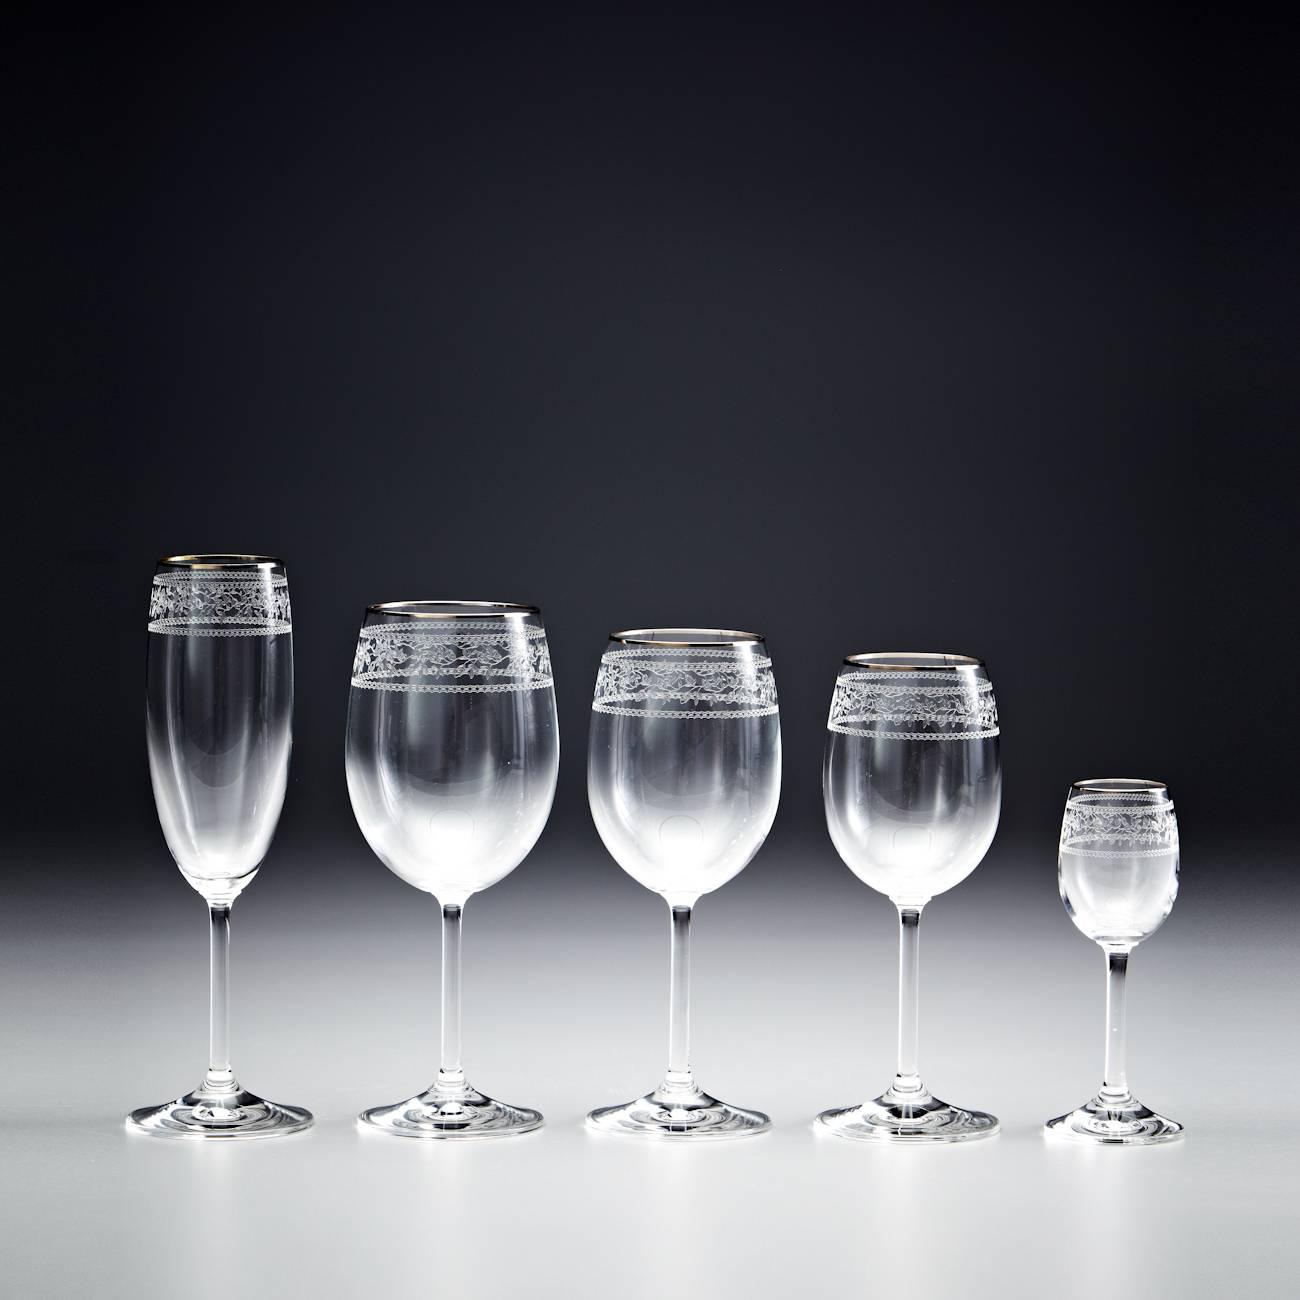 Conjunto de Taças Venus Gala Pantografadas Ouro - 30 Peças - em Cristal - Rona